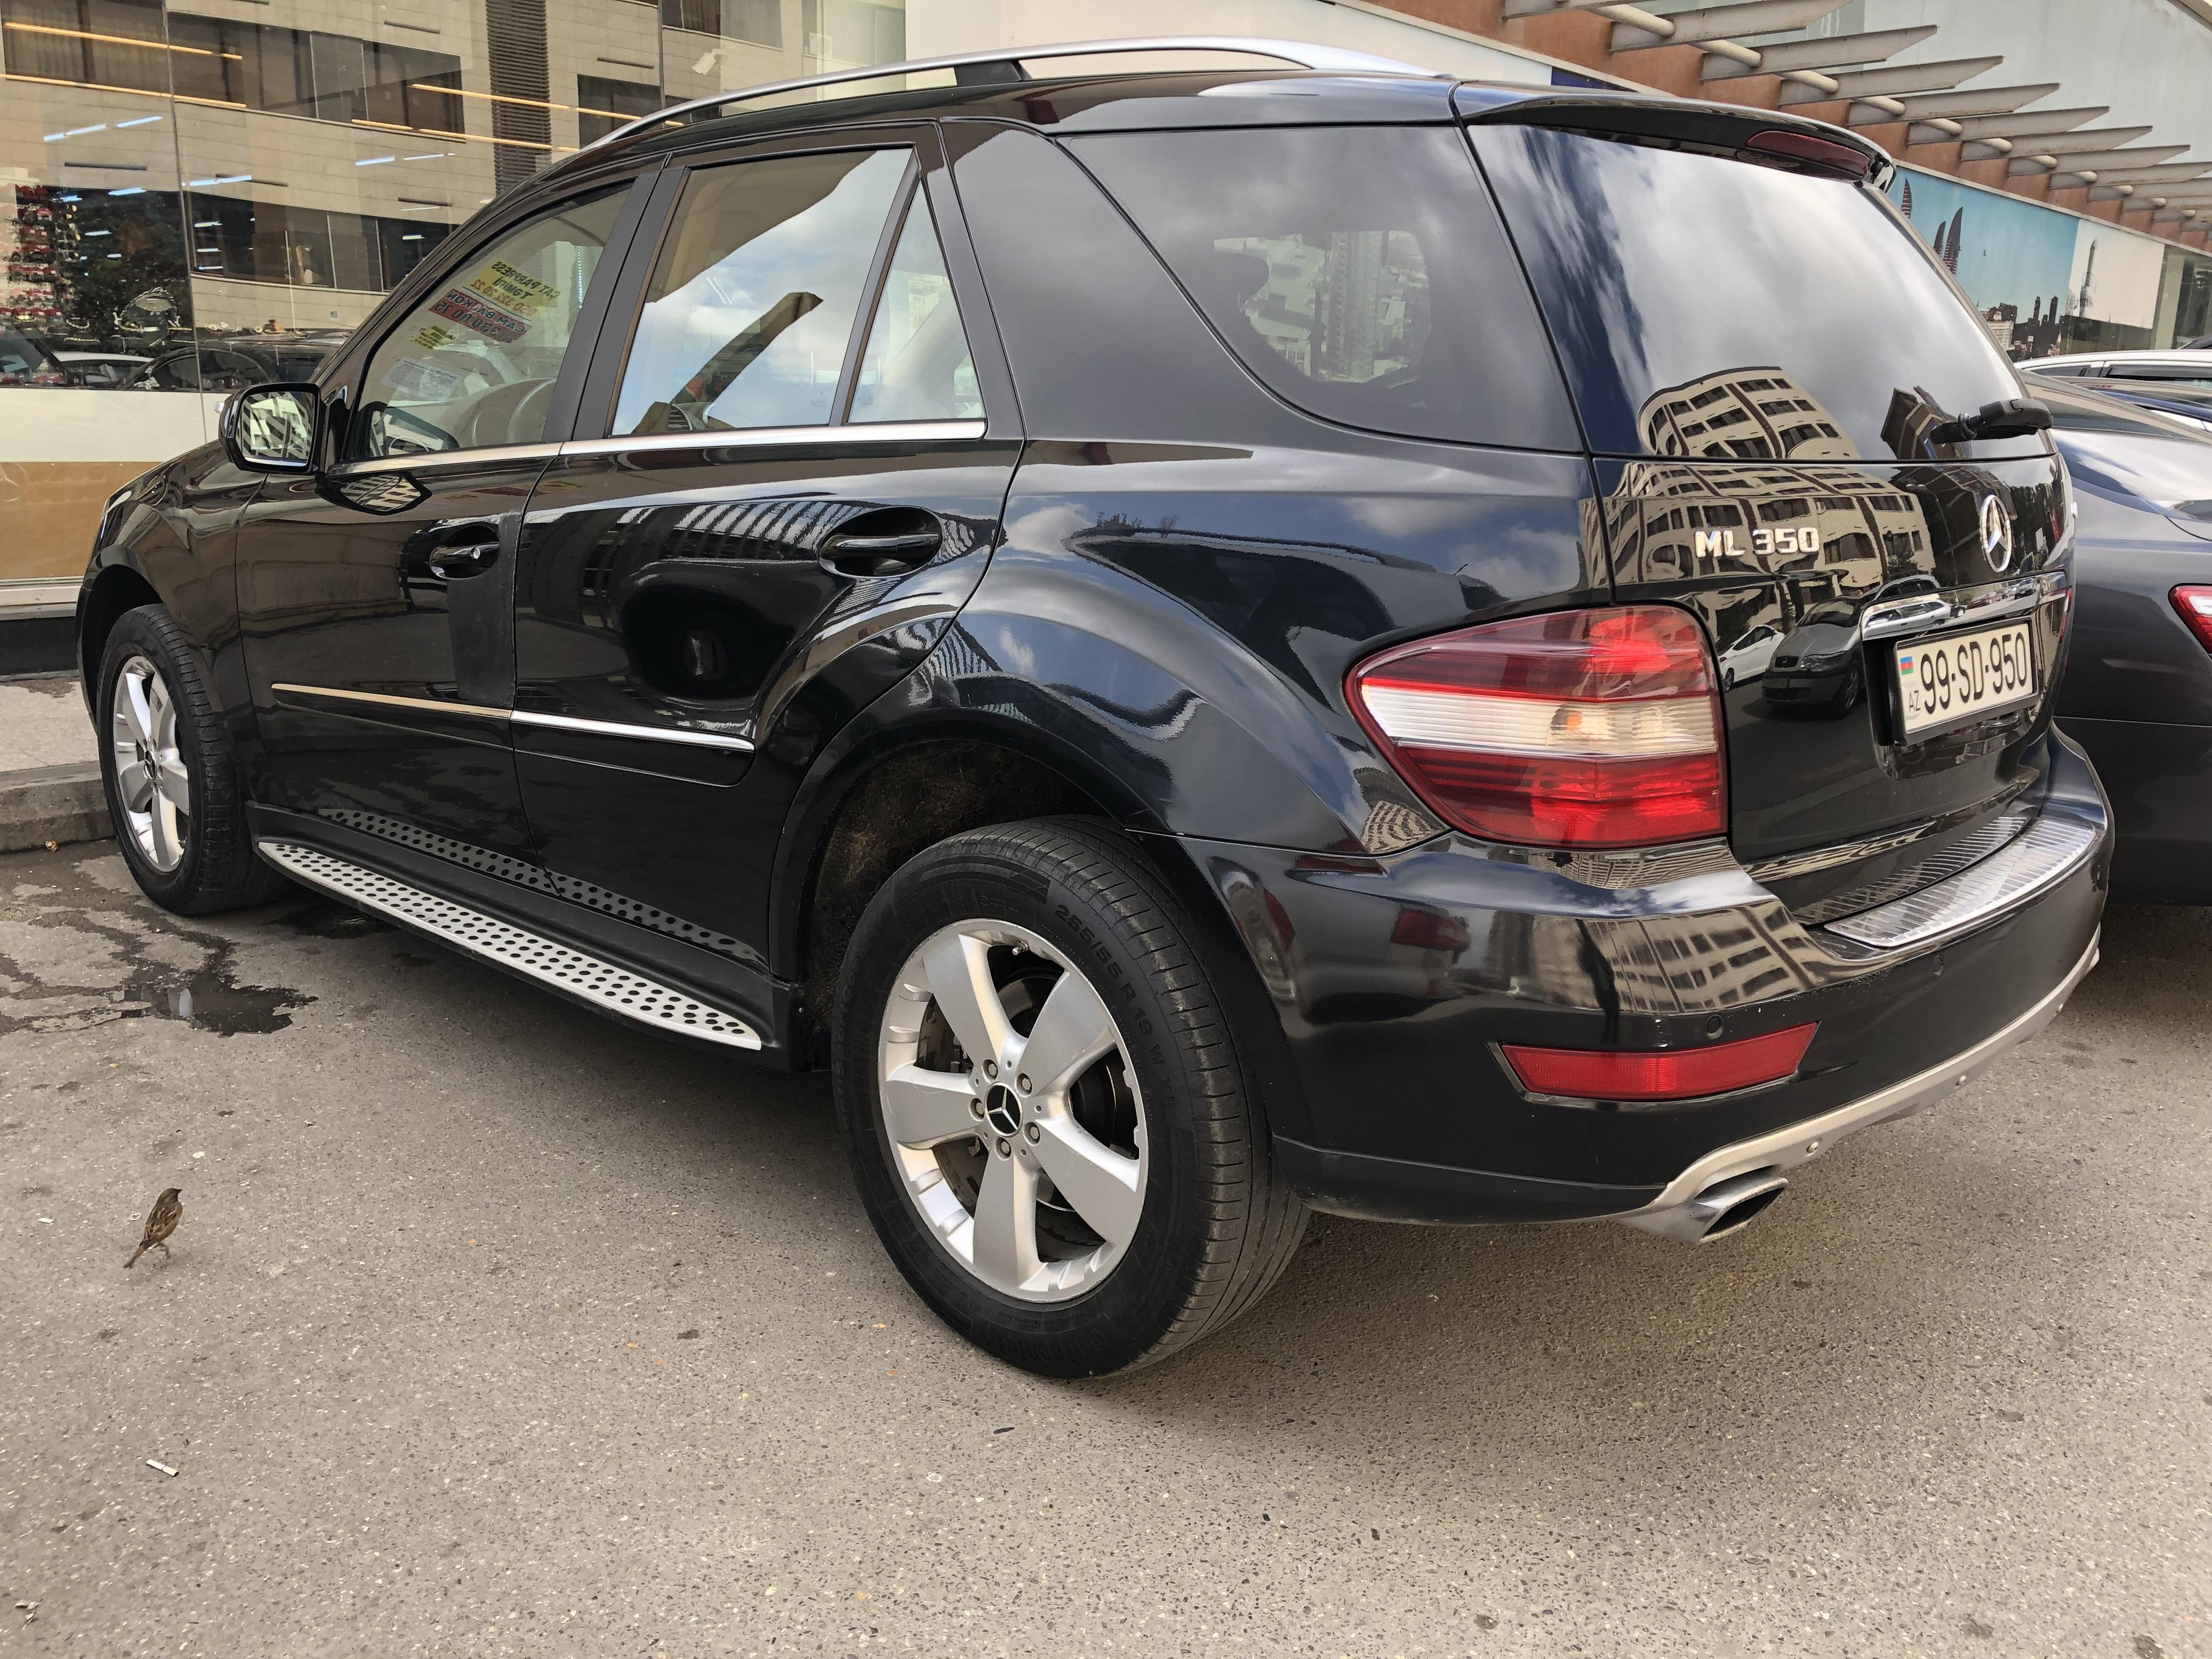 Mercedes-Benz ML 350 3.5(lt) 2010 Second hand  $18000